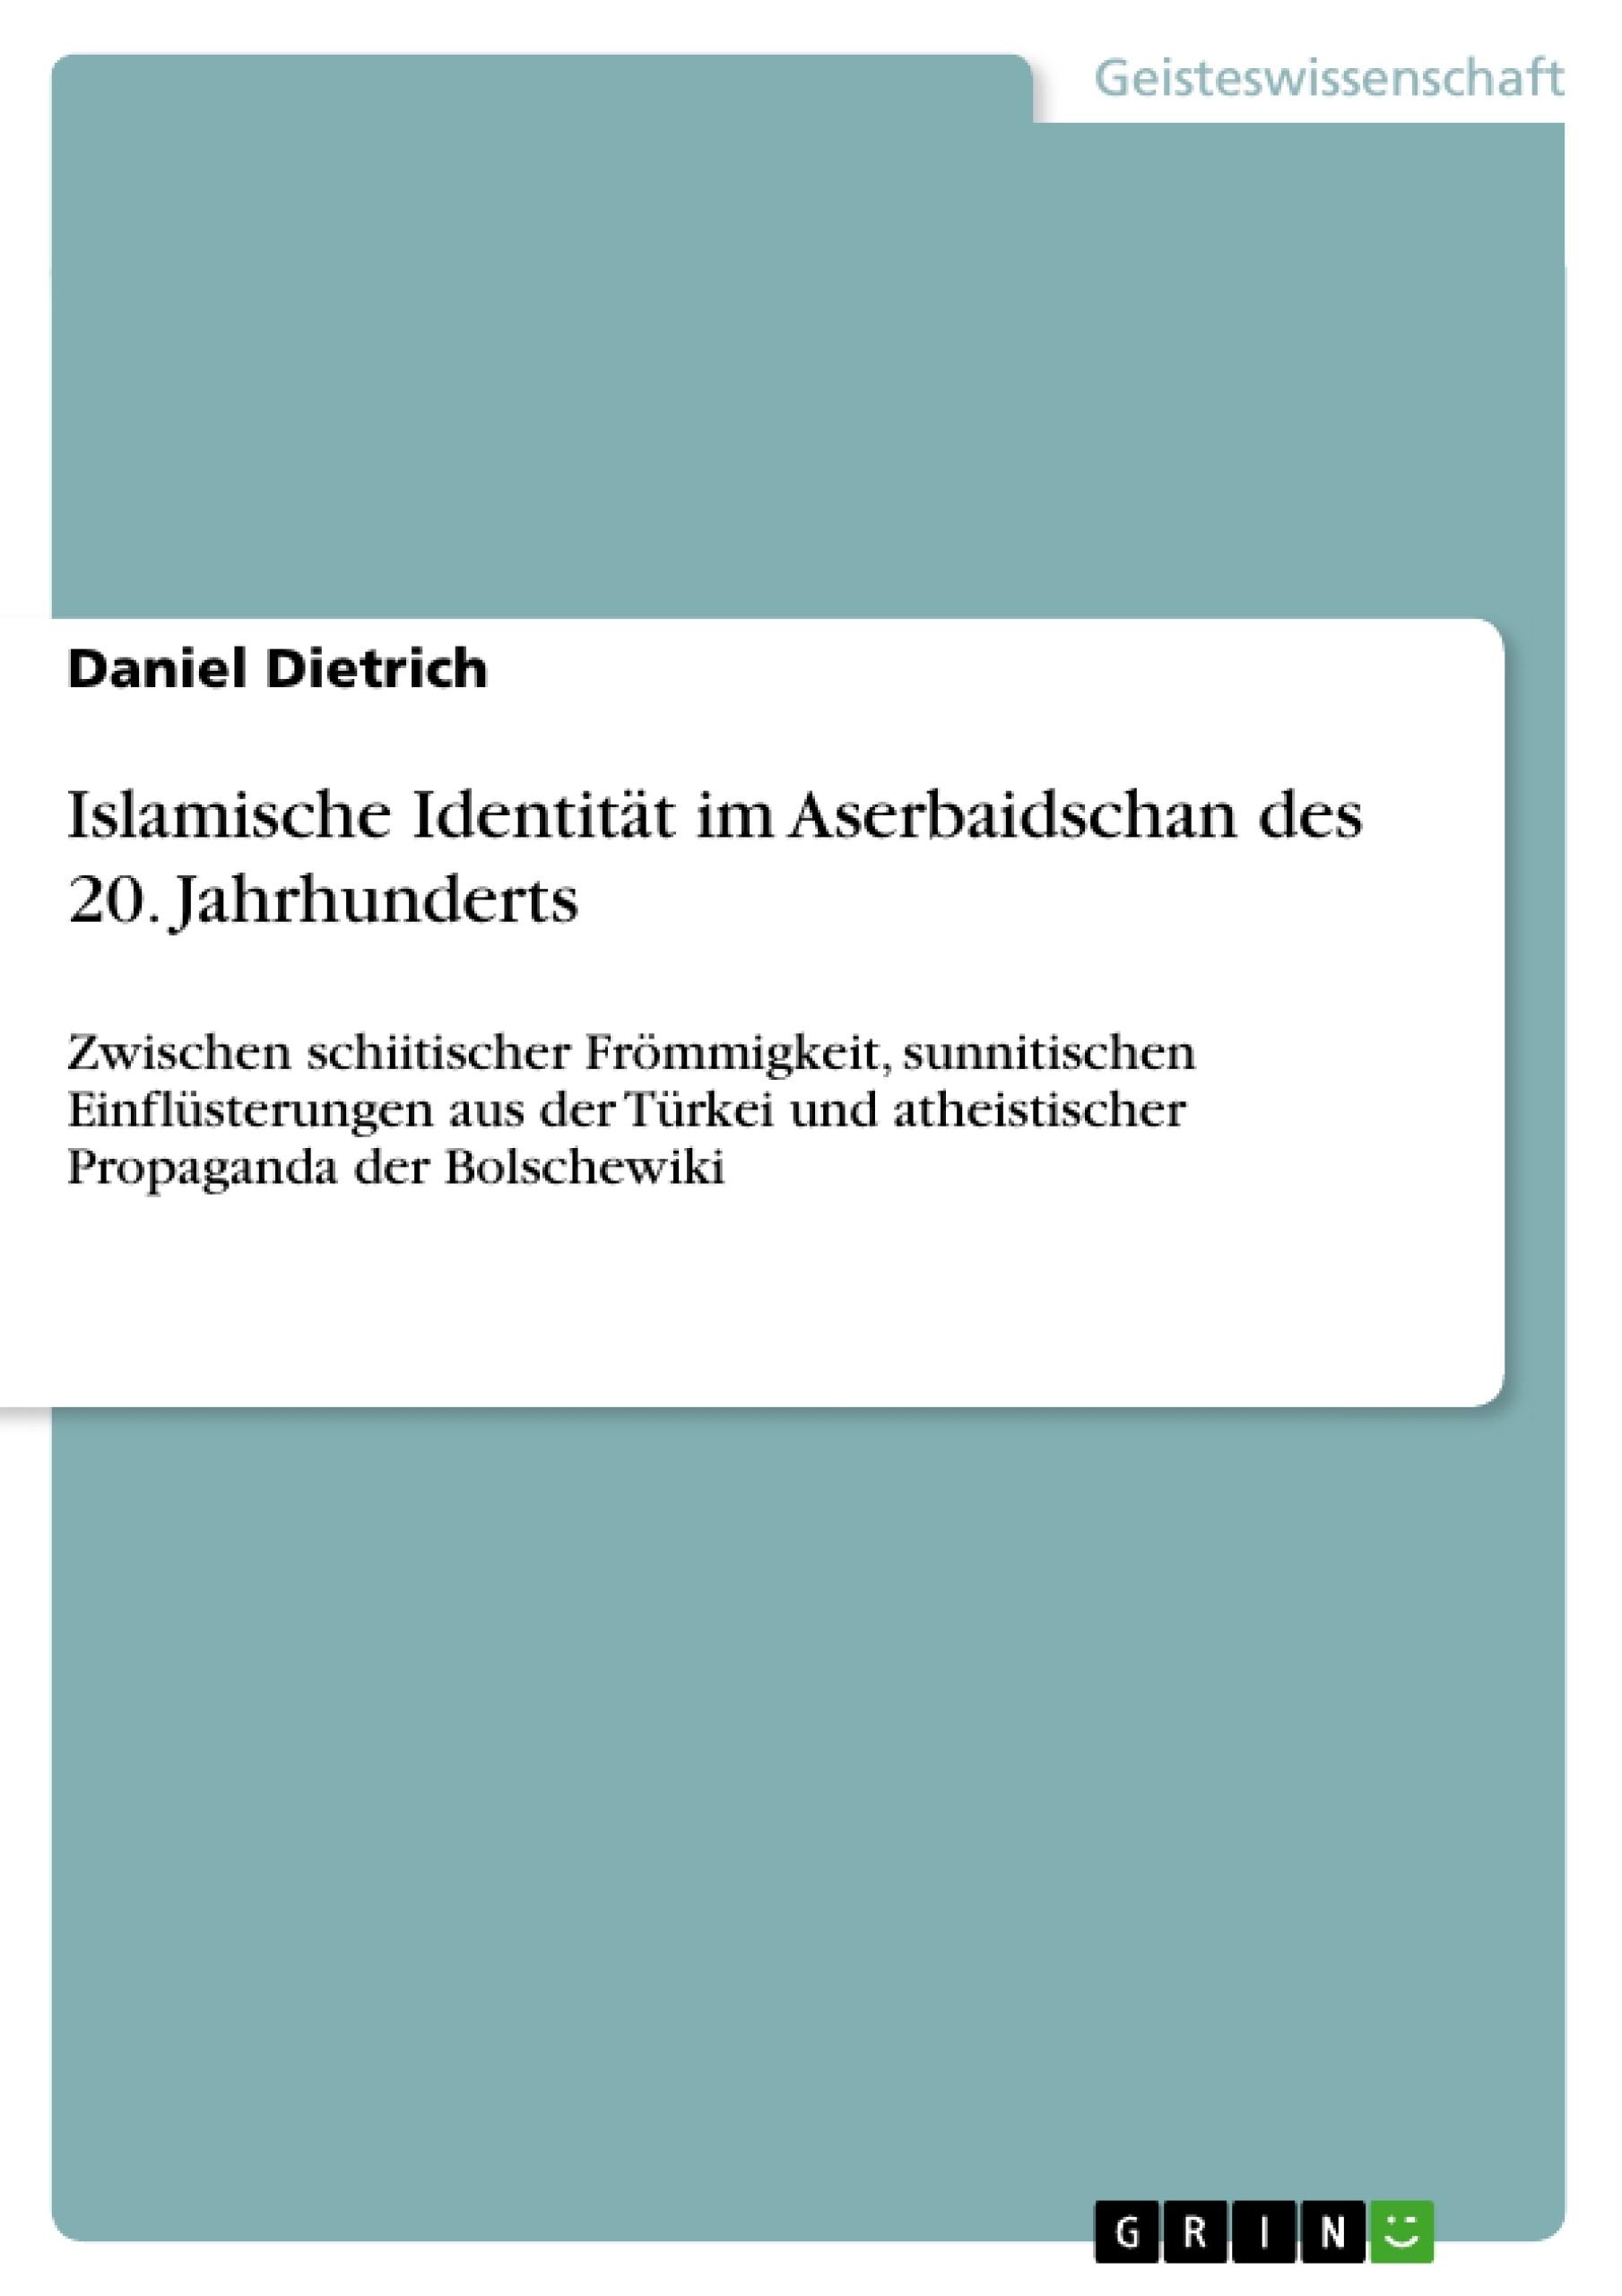 Titel: Islamische Identität im Aserbaidschan des 20. Jahrhunderts